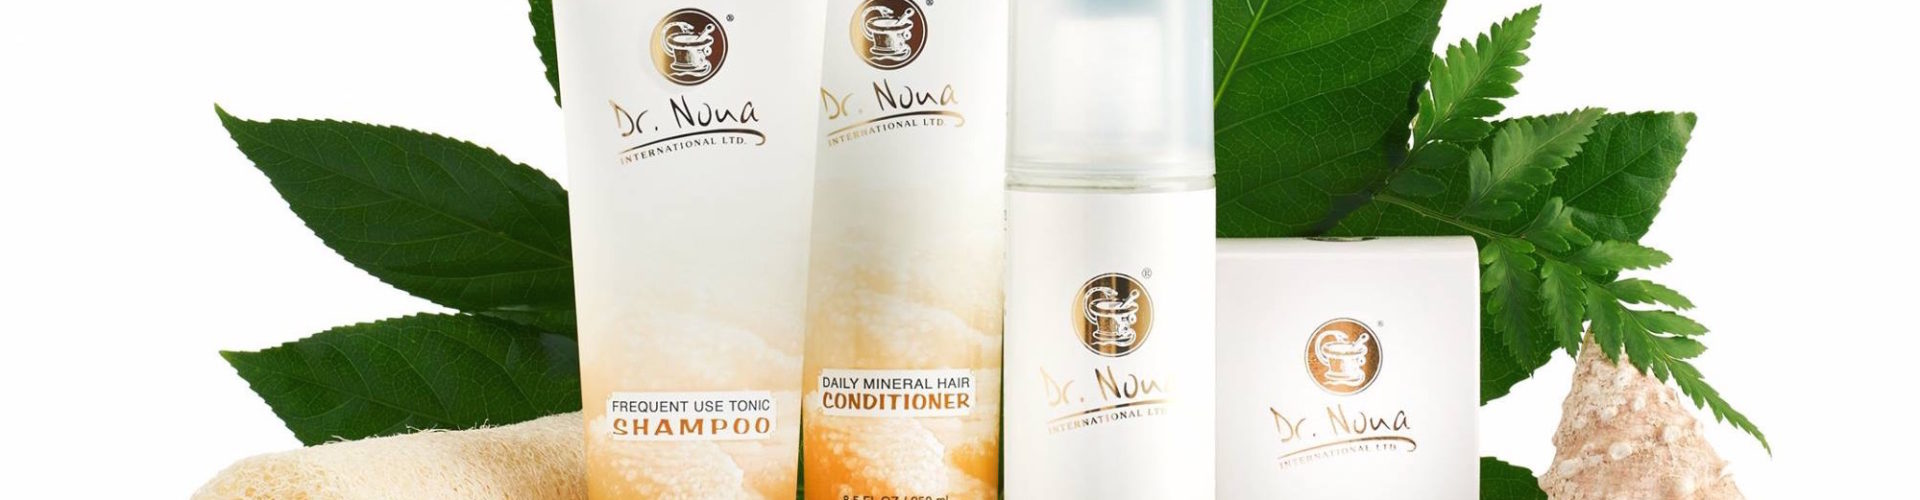 Produkty Dr. Nona – predstavenie a základné informácie